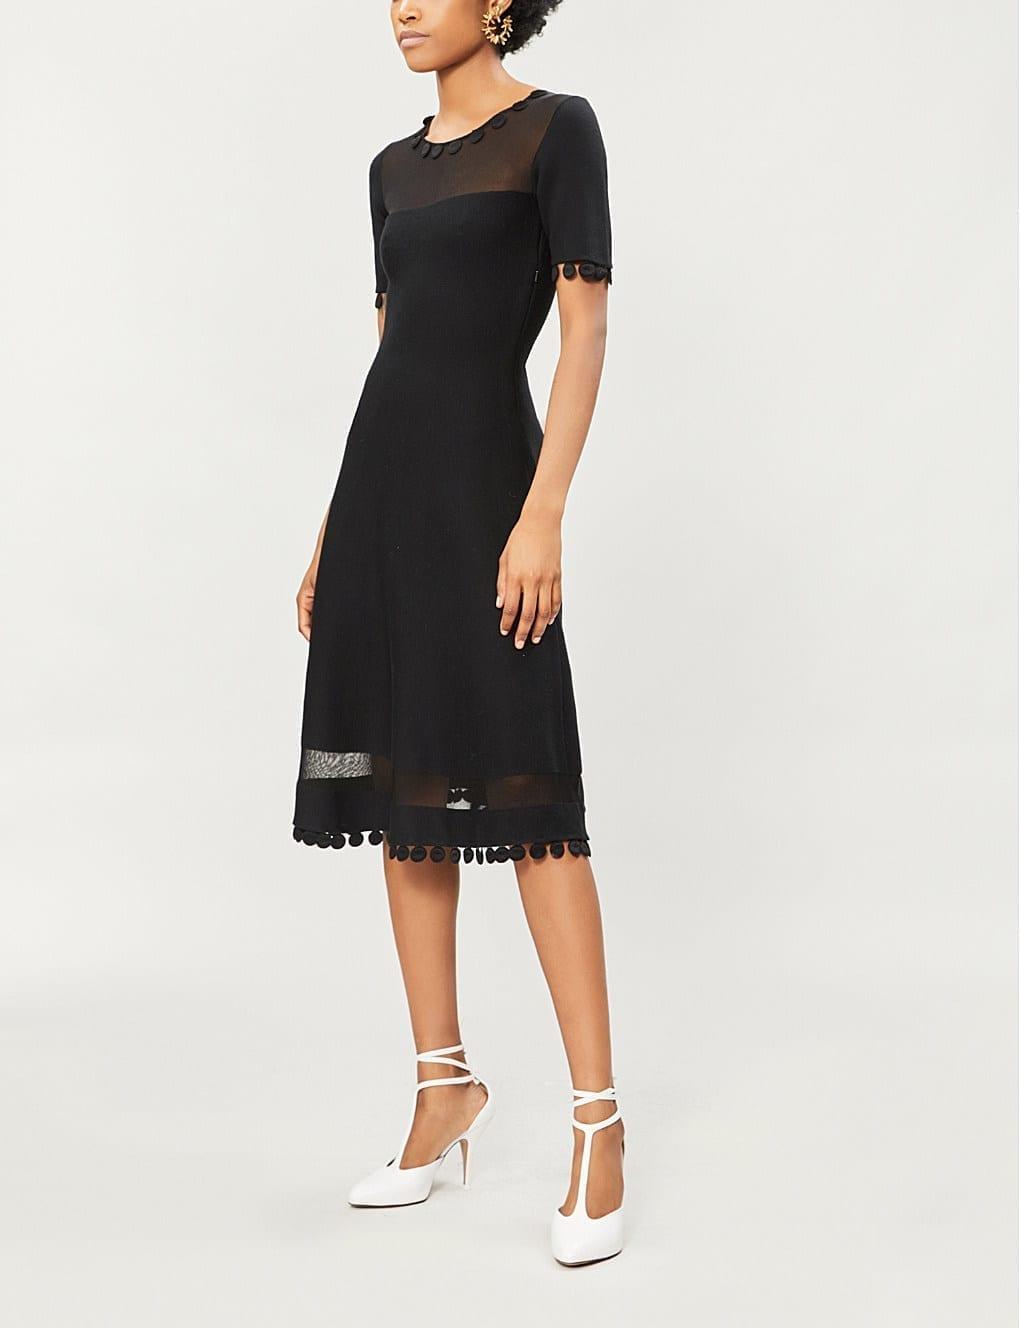 OSCAR DE LA RENTA Sheer-Panel Wool-Blend Black Dress